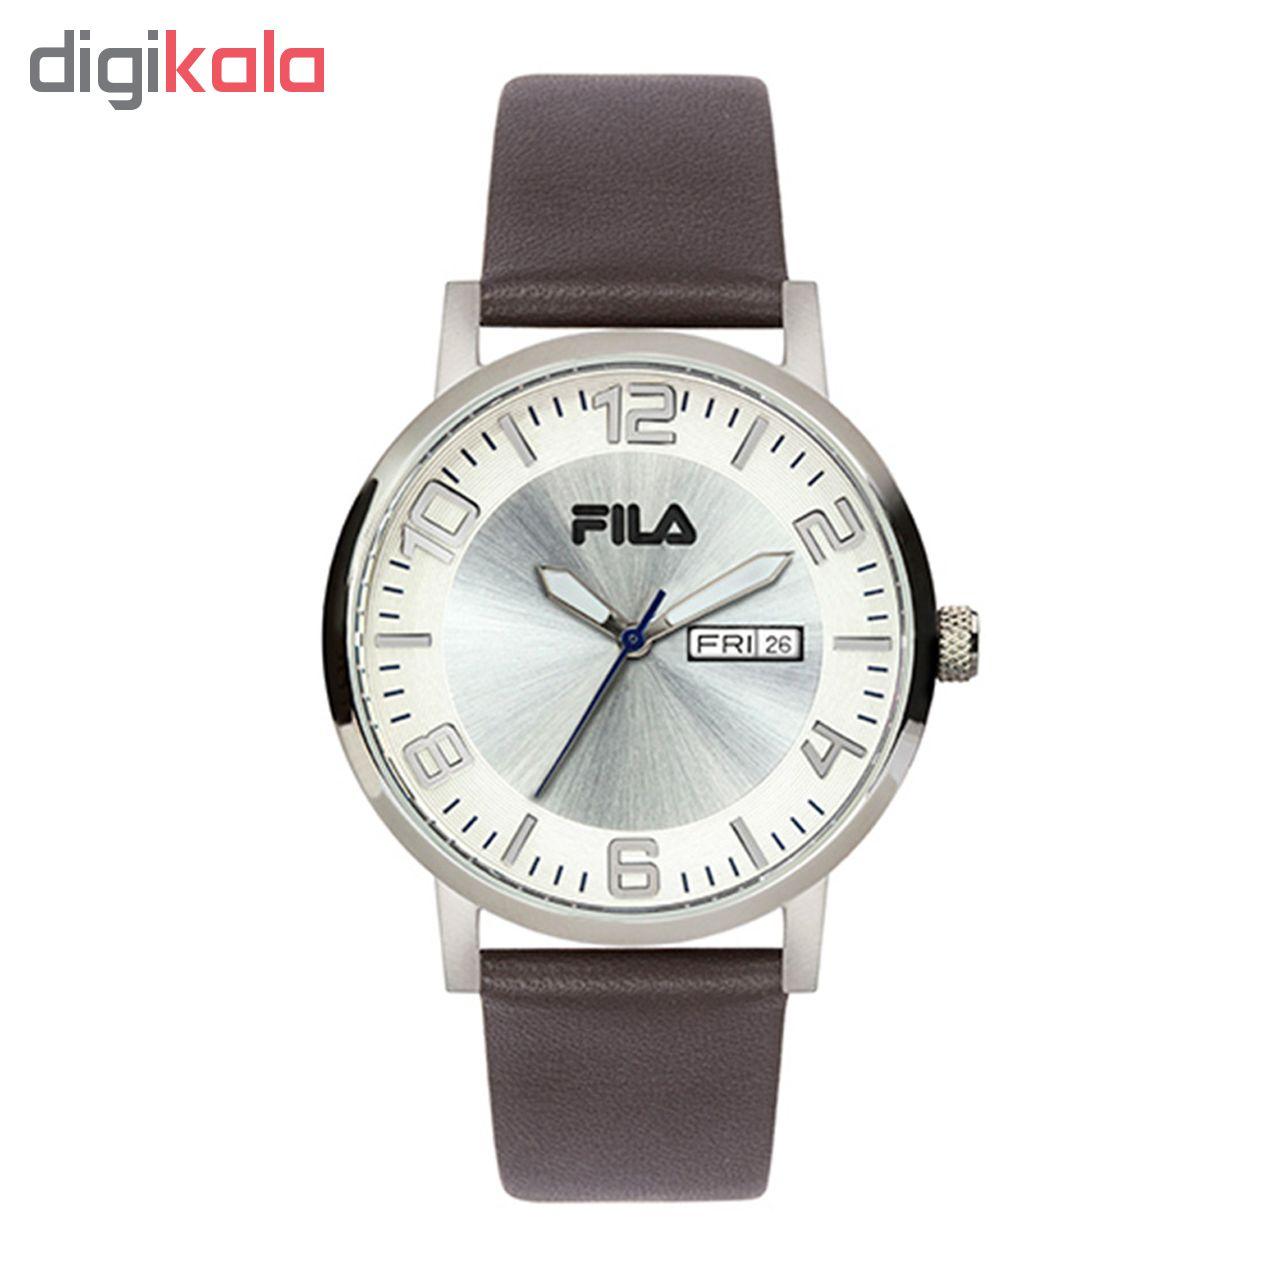 خرید ساعت مچی عقربه ای مردانه فیلا مدل 38-107-002